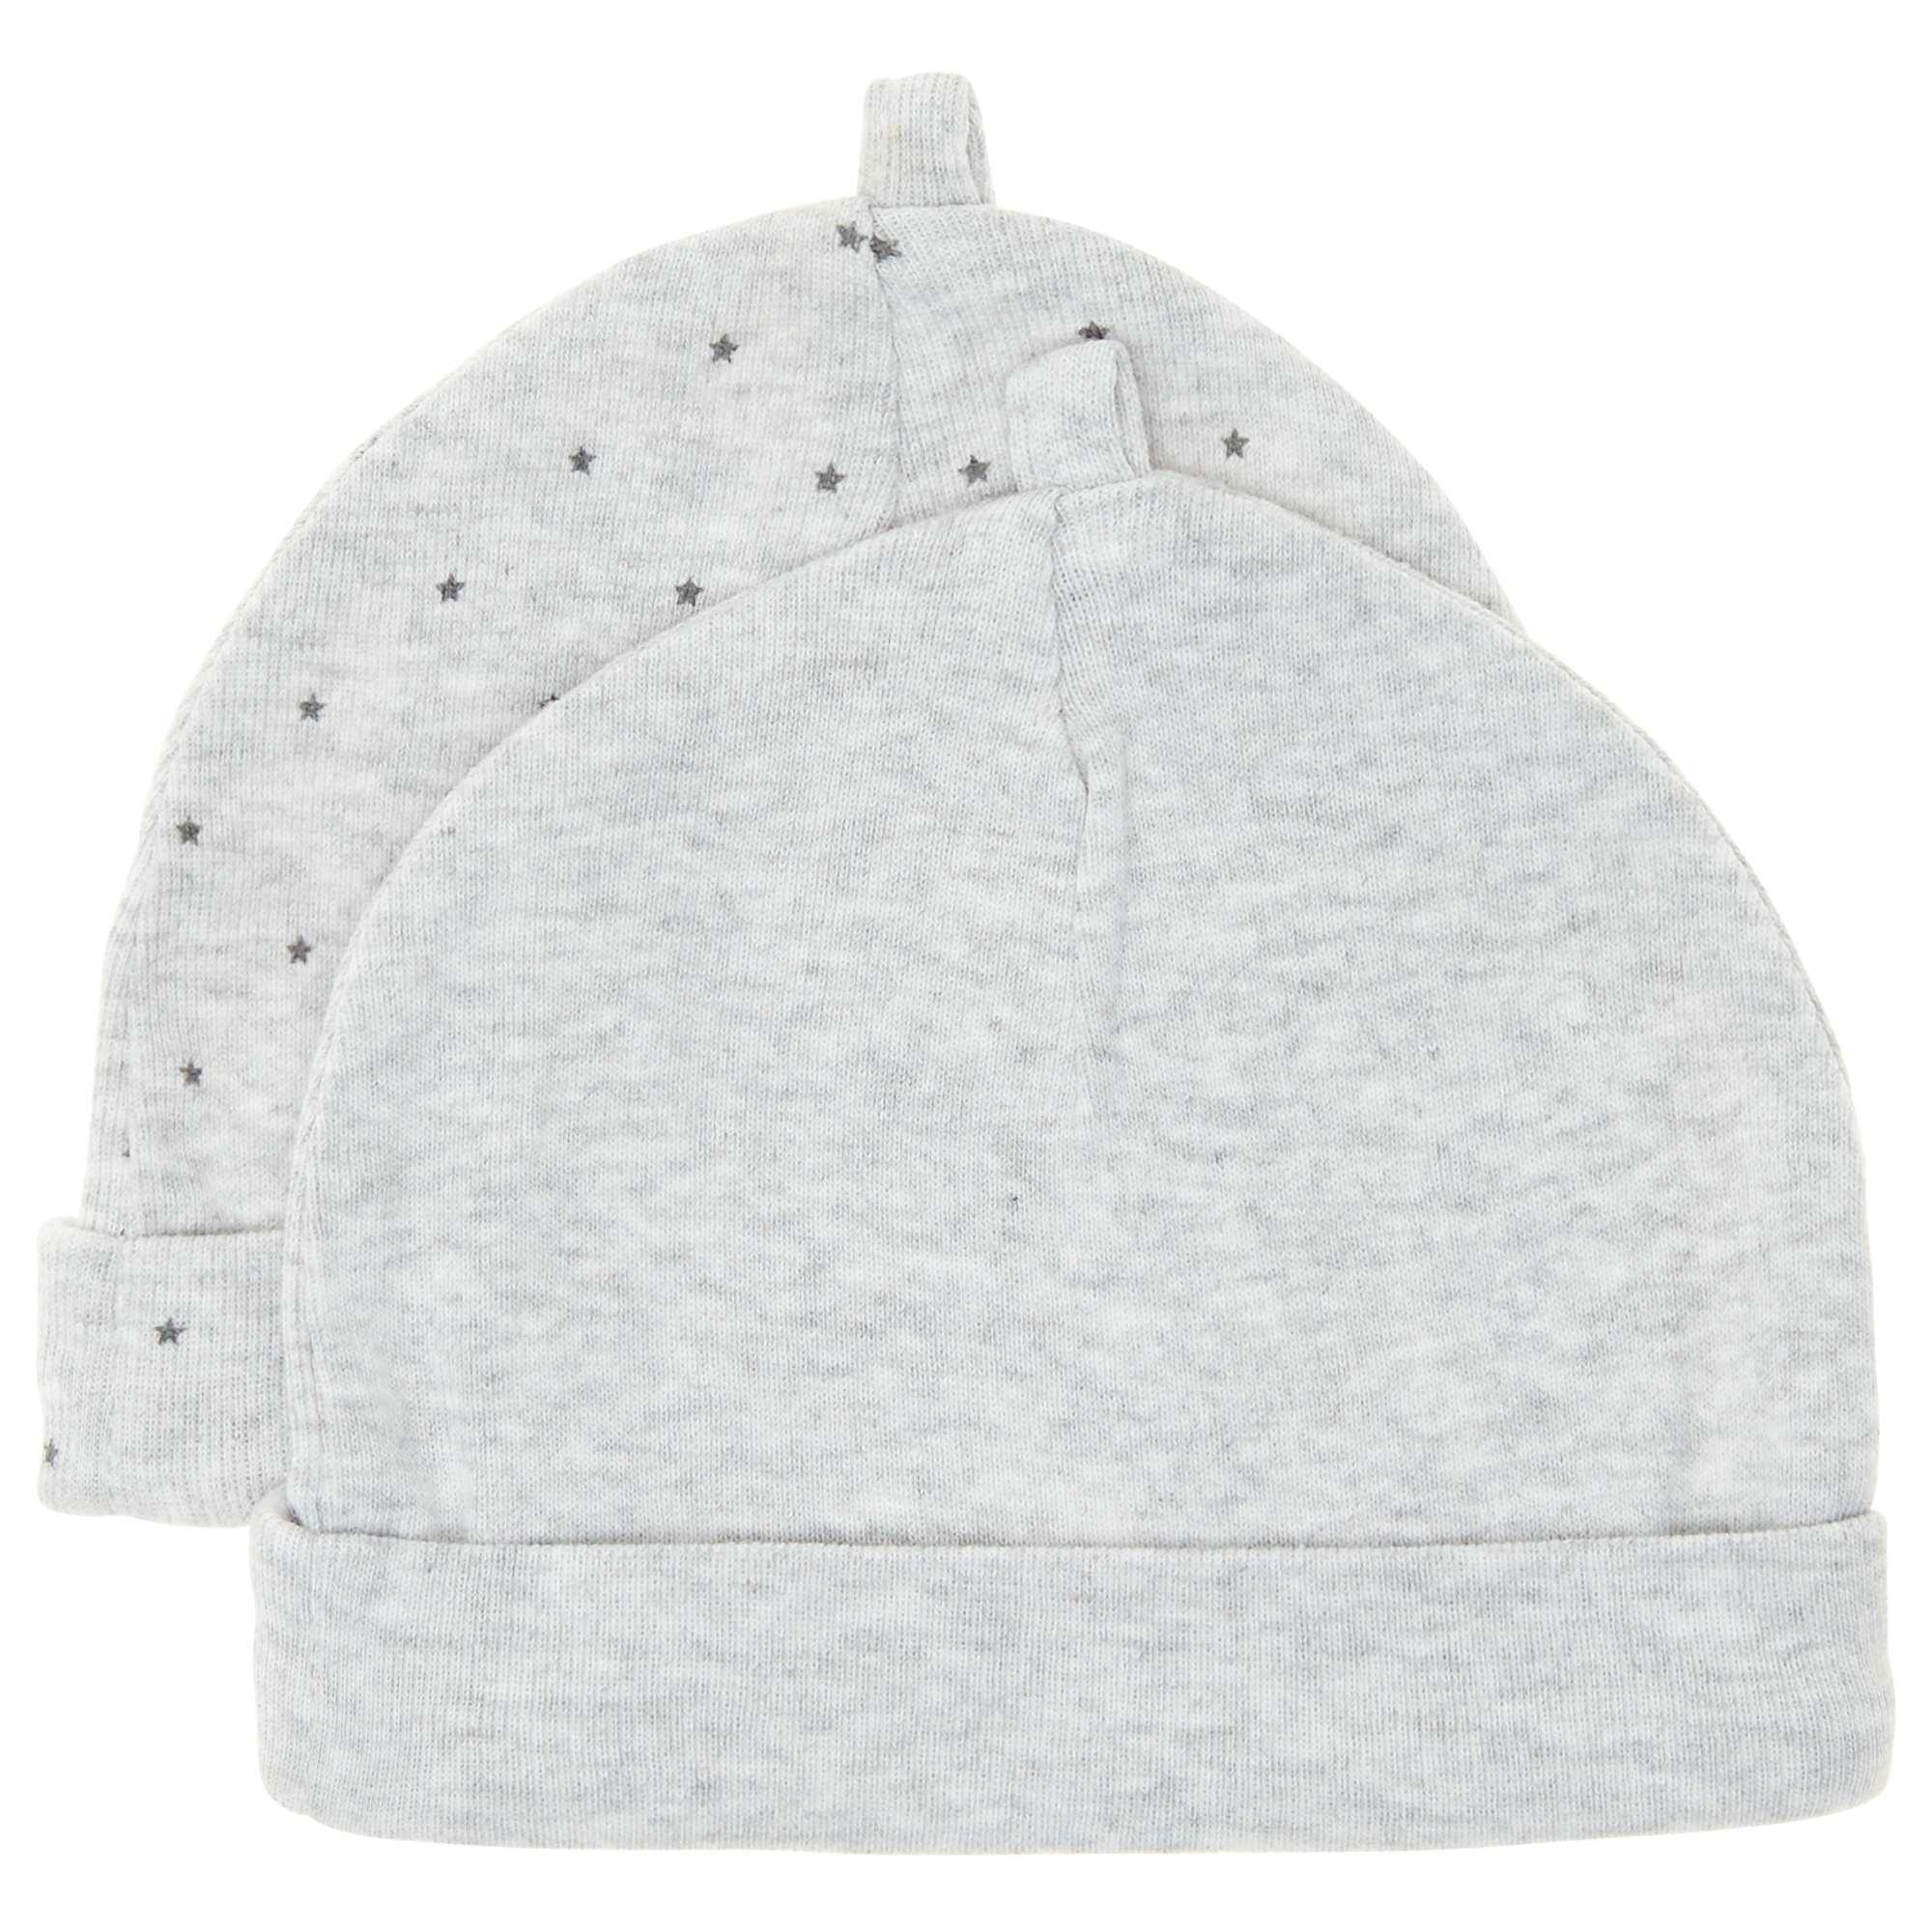 dd793dc40f6 Lot de 2 bonnets en coton bio Bébé garçon - gris - Kiabi - 4